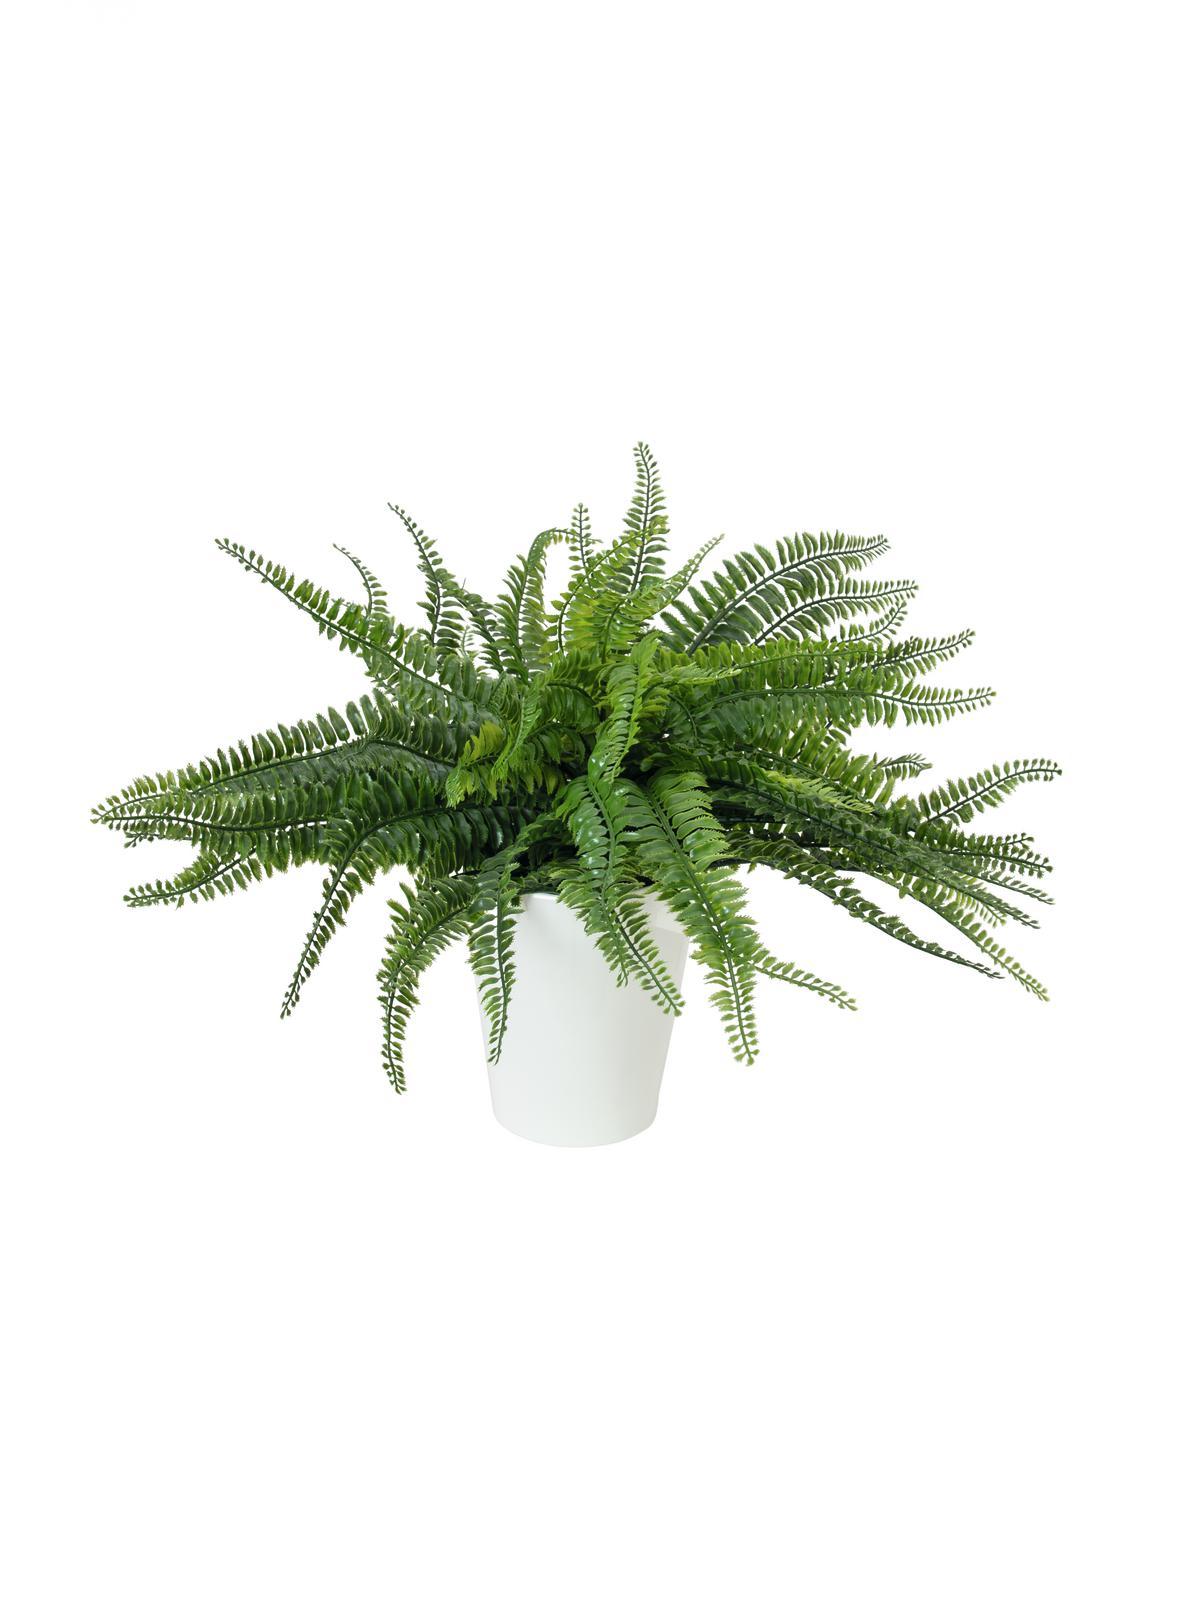 Billede af Kunstig Fern bush in pot, 62 leaves, 48cm